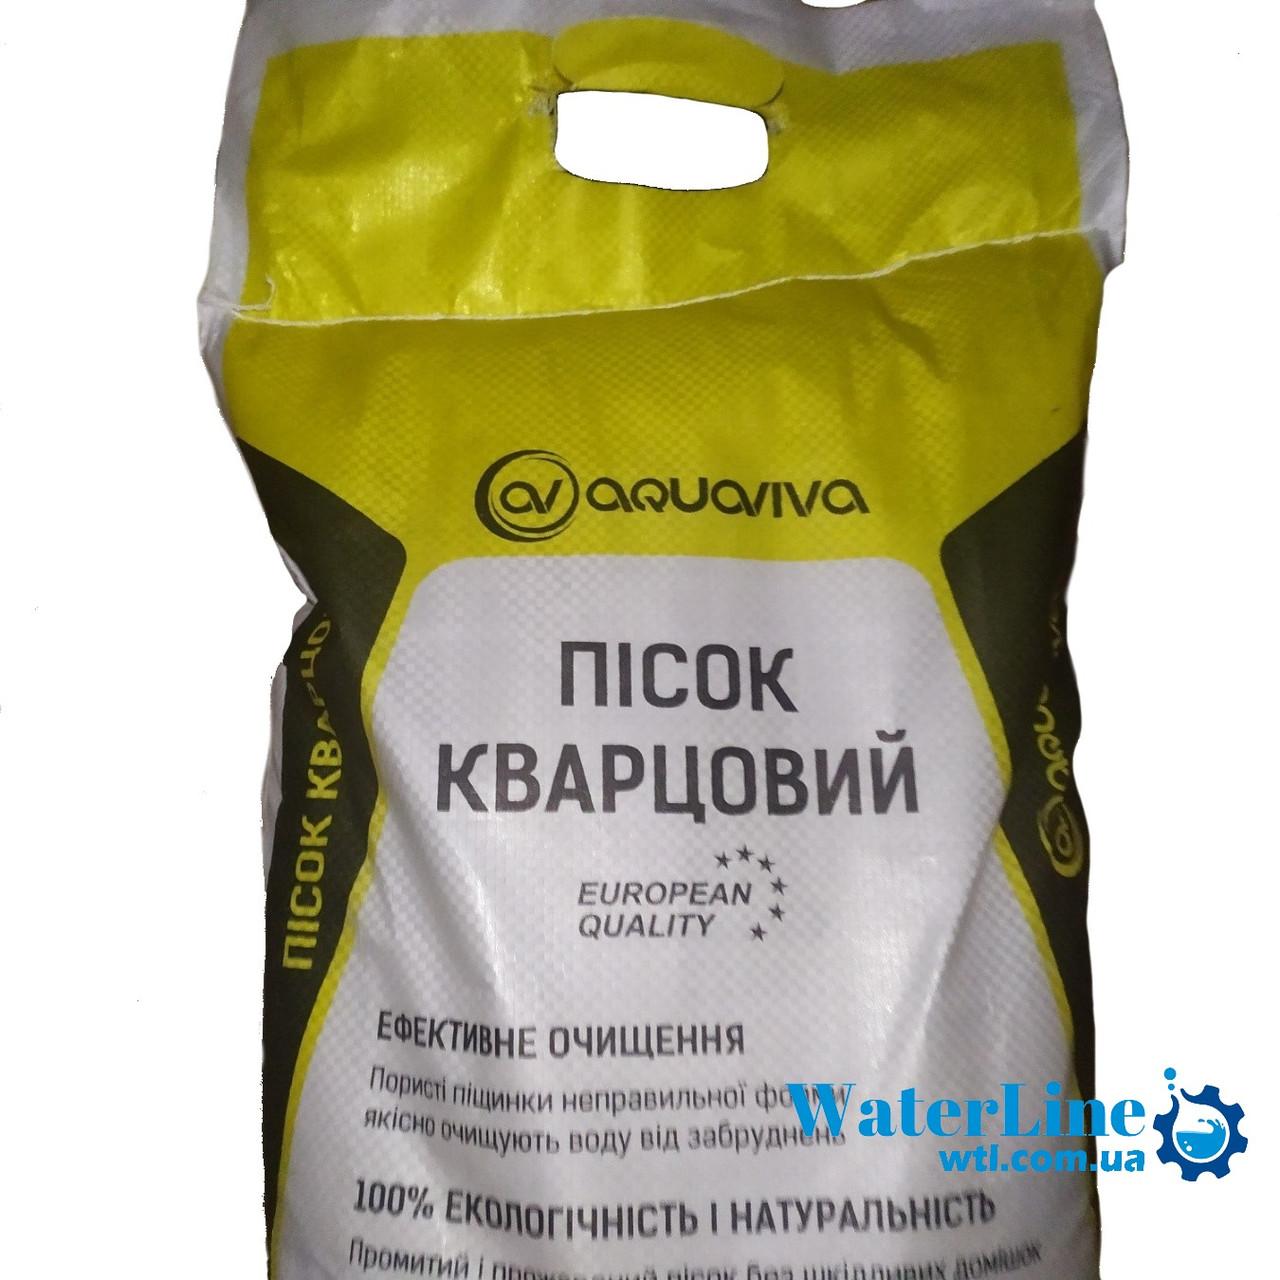 Кварцовий пісок 25 кг AquaViva Фракція 0,8 - 1,2 мм. Для фільтрації басейну